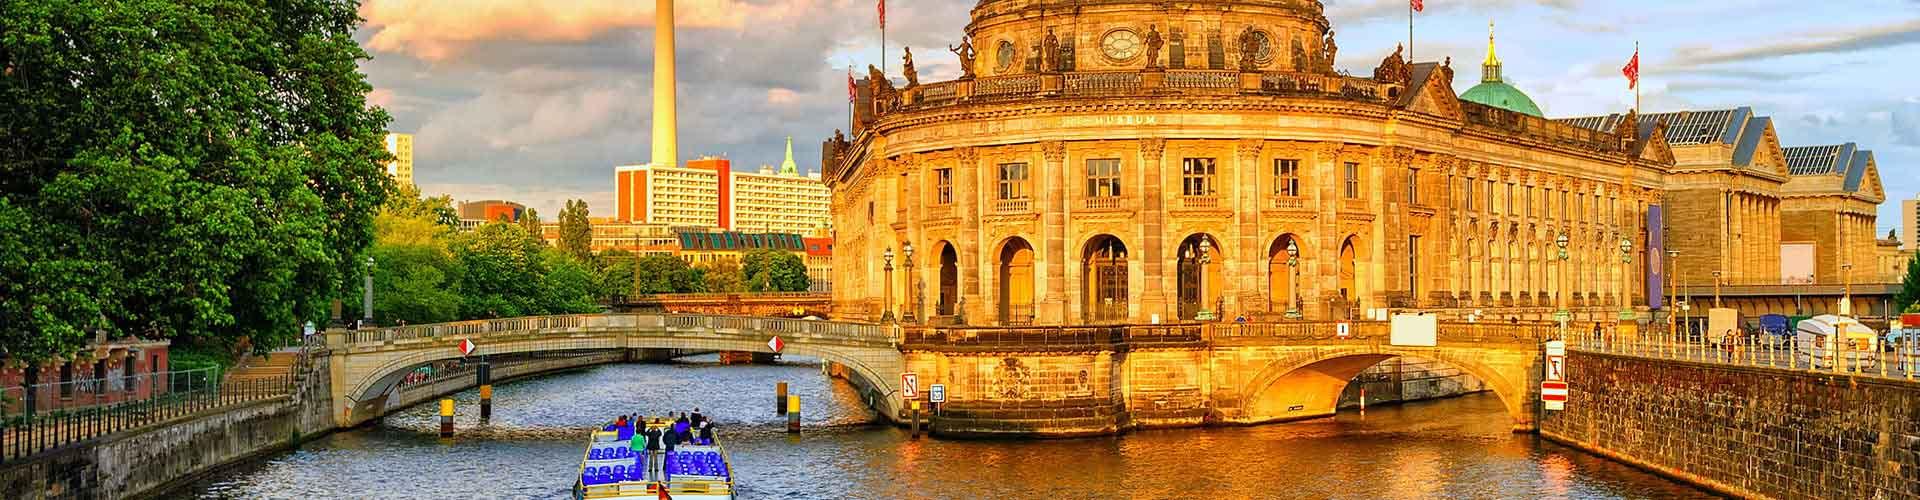 Berlín - Hostelů v Berlín. Mapy pro Berlín, fotky a recenze pro každý hostel v Berlín.